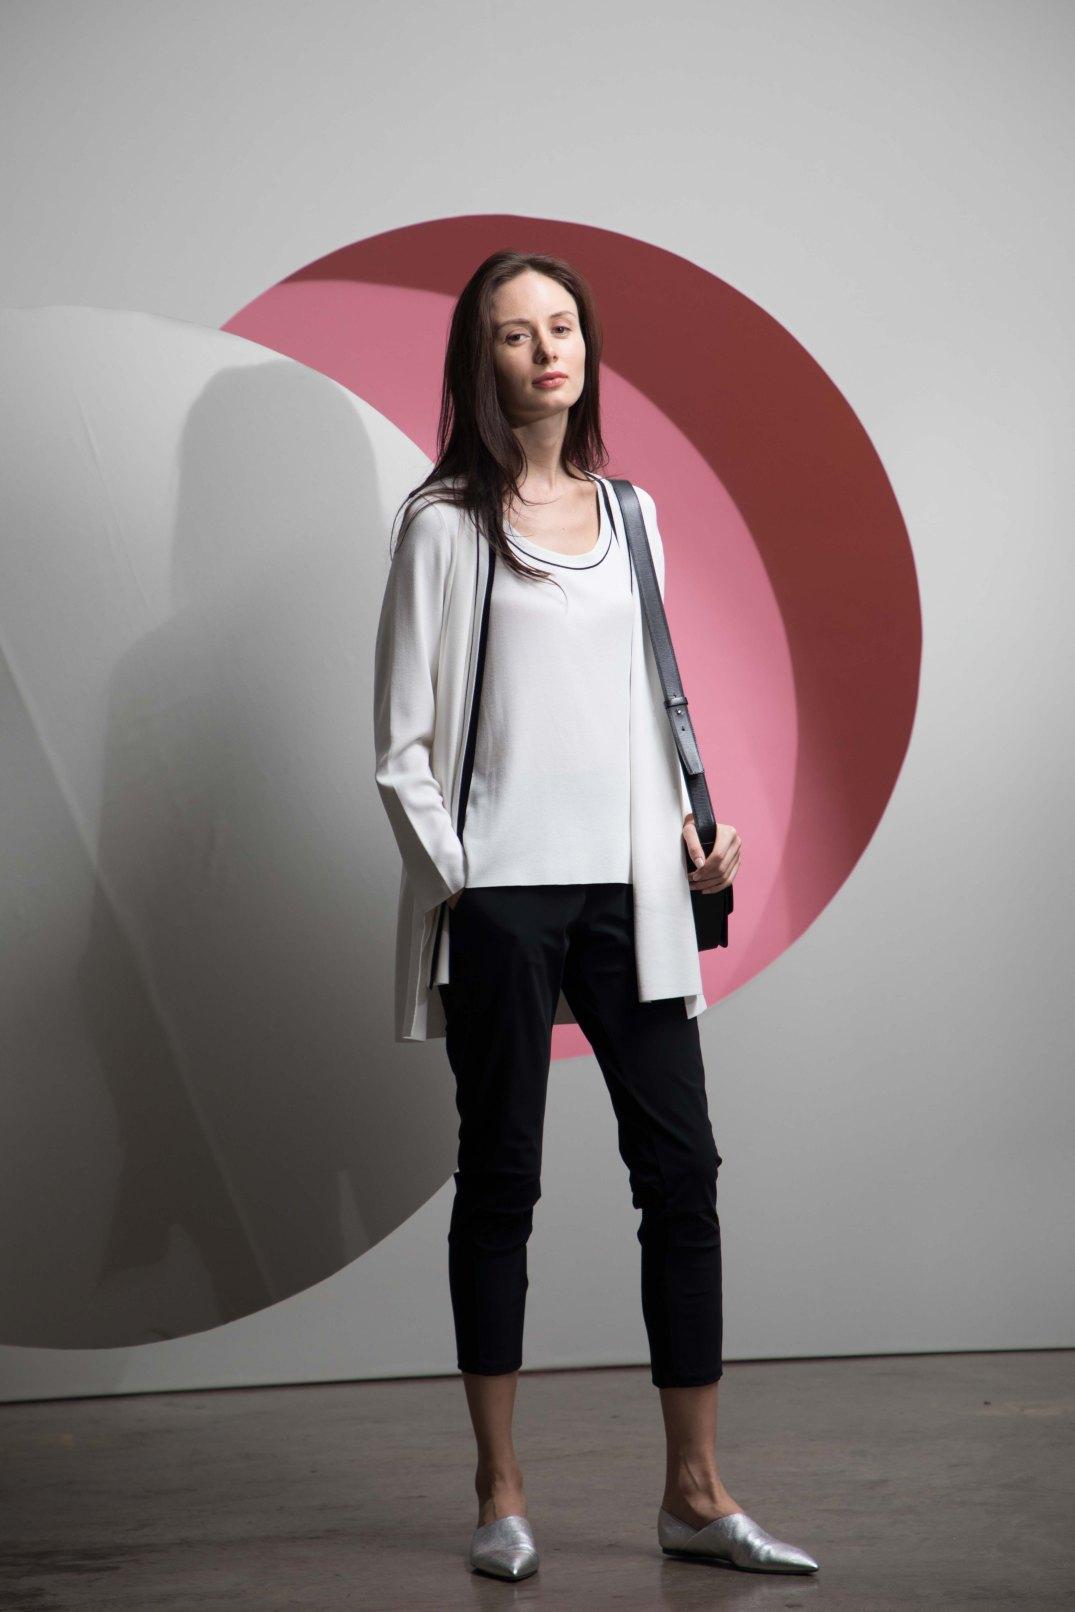 時裝服裝攝影 fashion Photography paulstylist-59